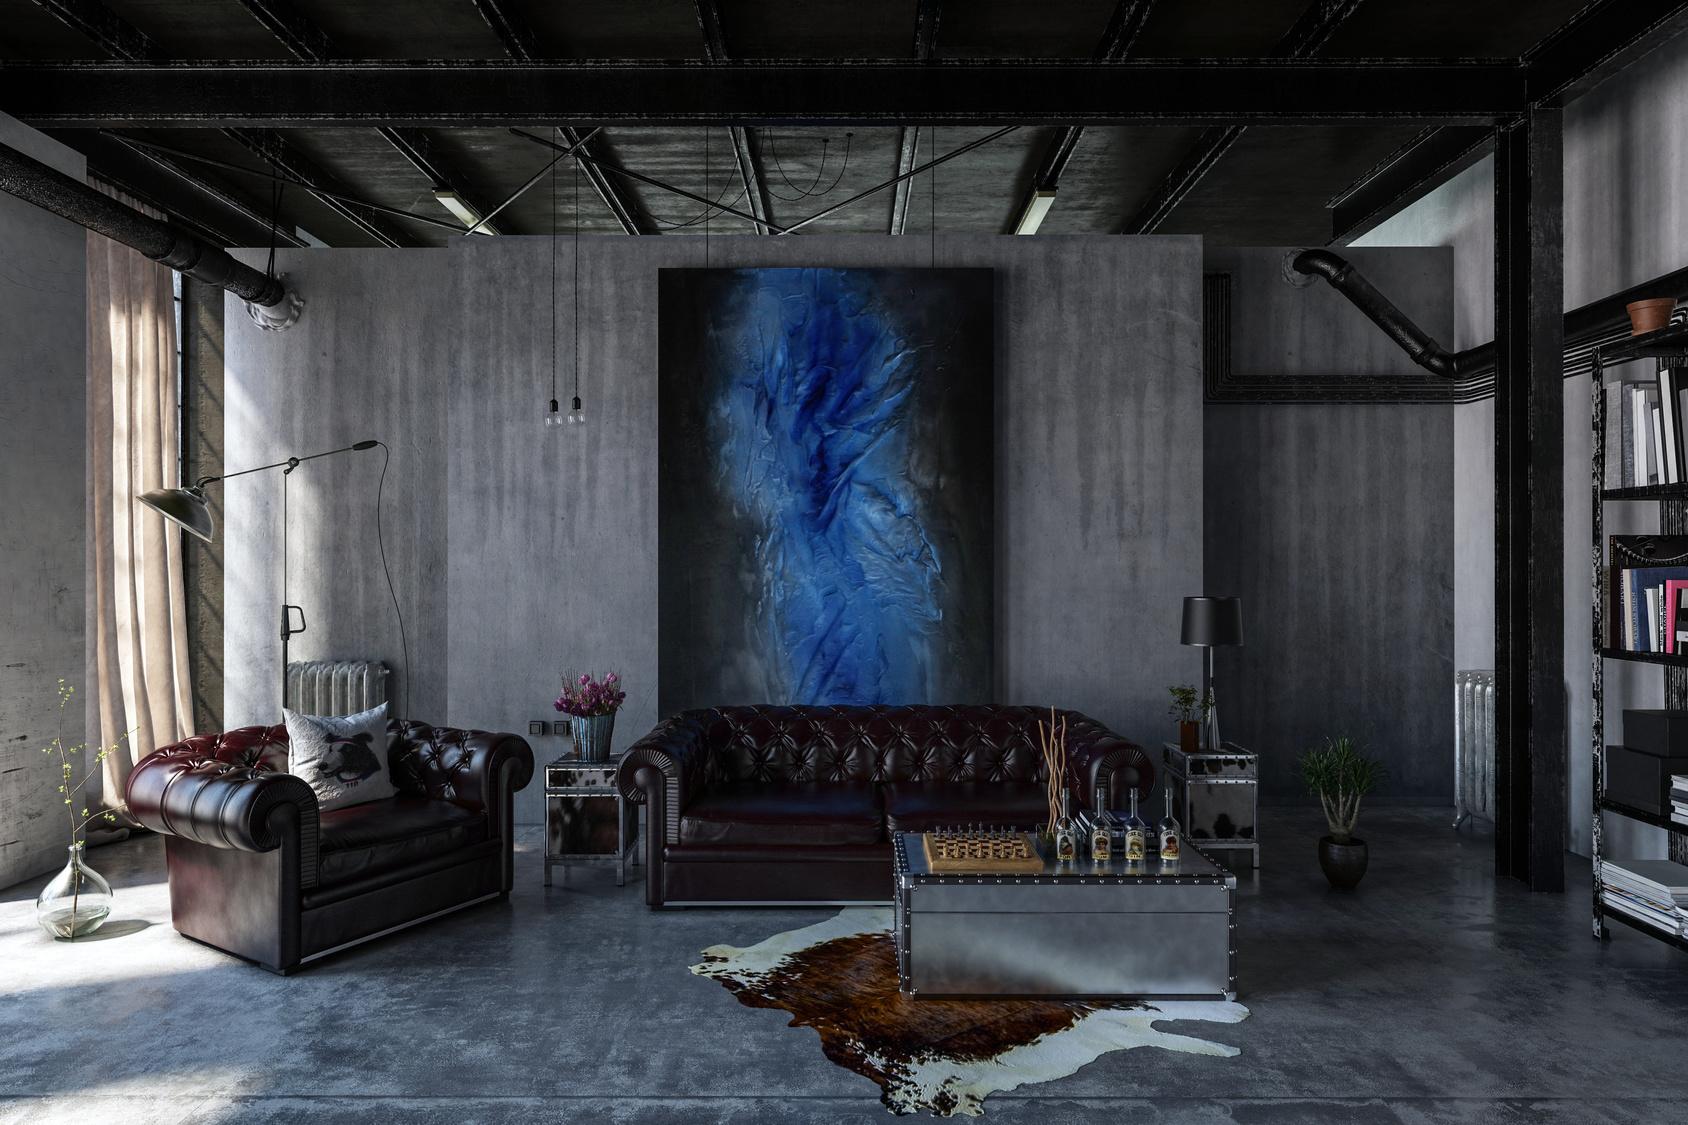 Polerowany beton i czarny metalowy sufit to tylko tło dla kontrastujących z nimi komfortowych mebli Chesterfield i wielkiego płótna na ścianie.